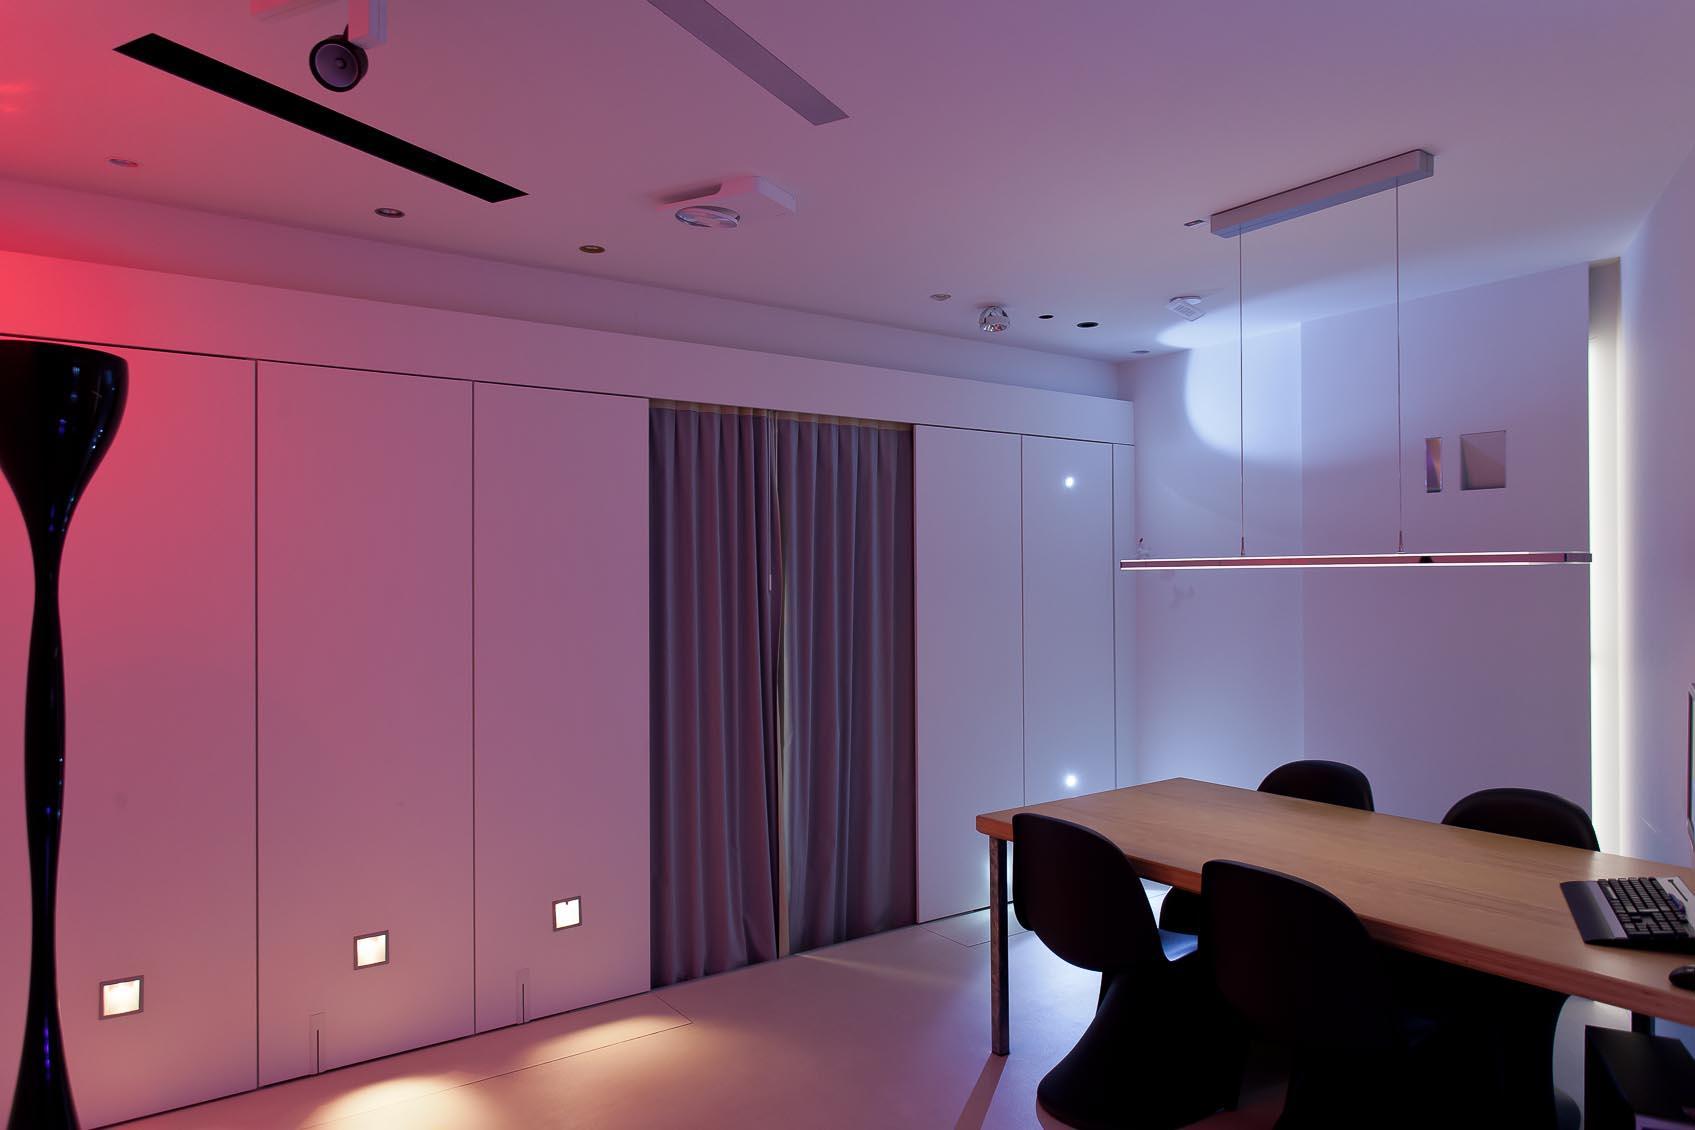 Beleef interieurverlichting in onze design lichtstudio8